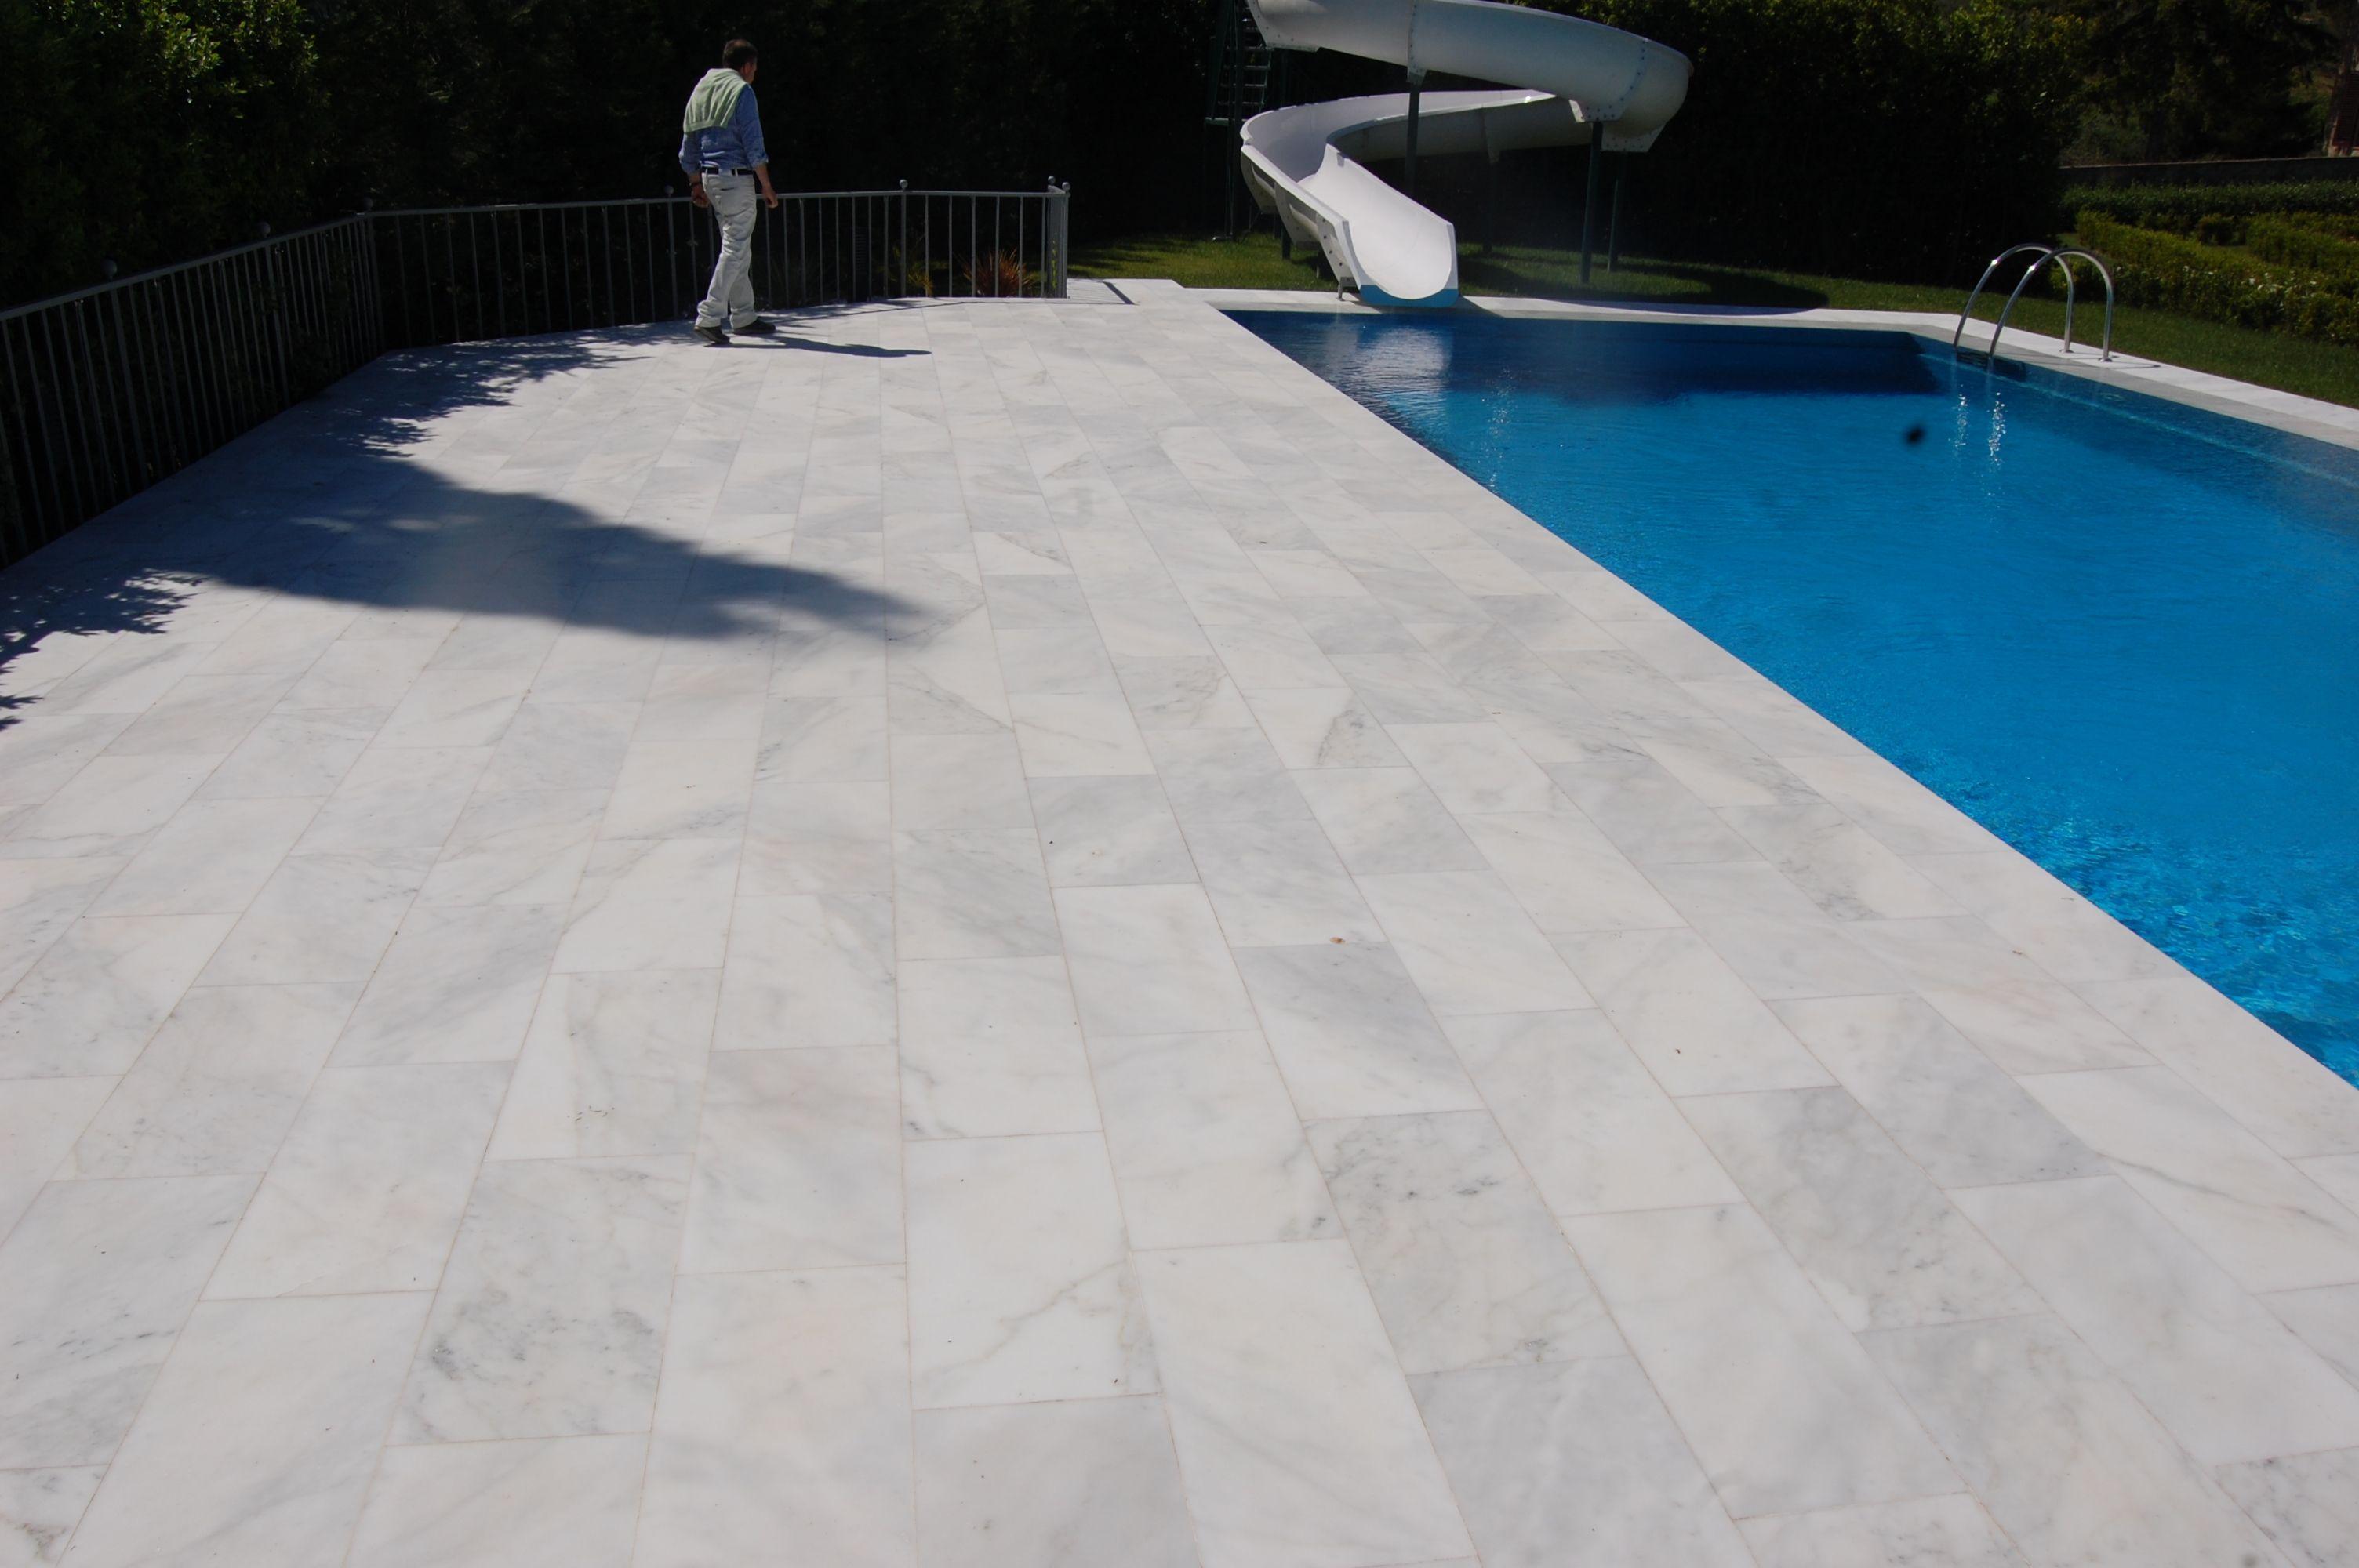 edilmarmi srl swimming pool marble tile